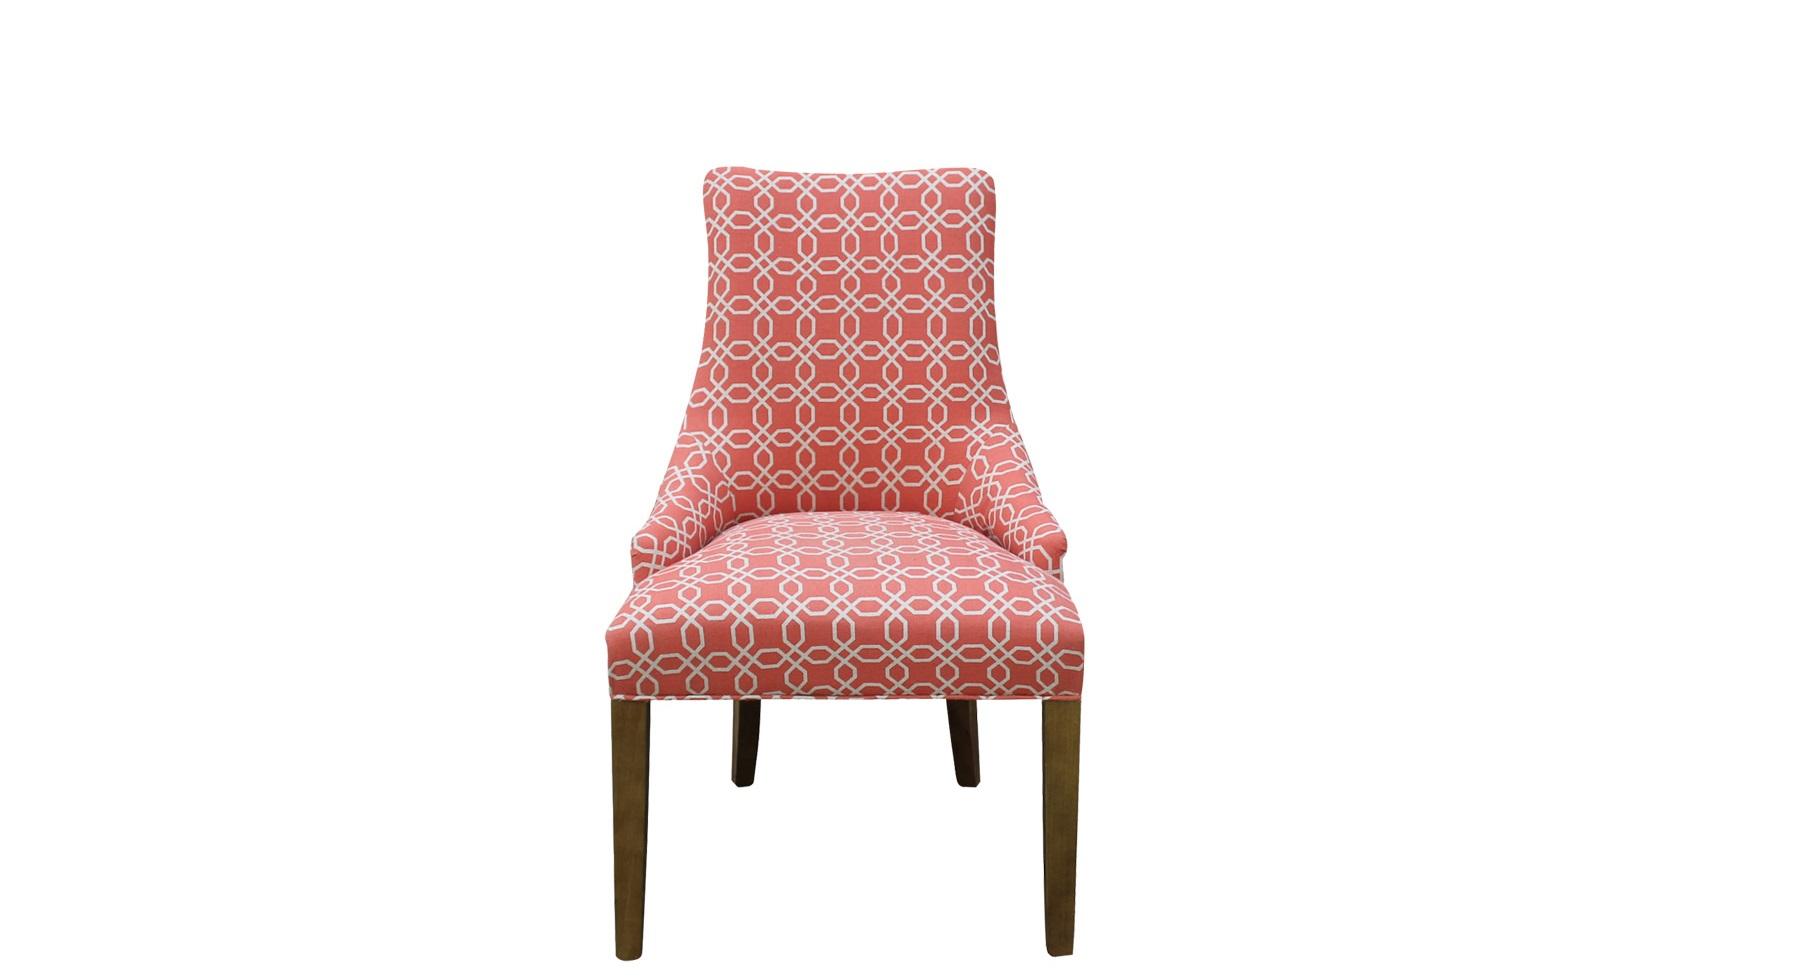 Полукресло Martin ll arm chairПолукресла<br>С креслом &amp;quot;Martin ll Arm Chair&amp;quot; вы сможете преобразить современный скандинавский дизайн, который обычно строится на нейтральных оттенках. Сдержанный силуэт превосходно впишется в аскетичное оформление, не нарушая его строгих пропорций. Подарить оригинальность последним сможет обивка, выполненная в эффектном красном цвете. Интересный принт, созданный единением белых окружностей, добавит шарм абстракции к выверенной и четкой геометрии современного пространства.<br><br>Material: Текстиль<br>Width см: 61<br>Depth см: 78<br>Height см: 98